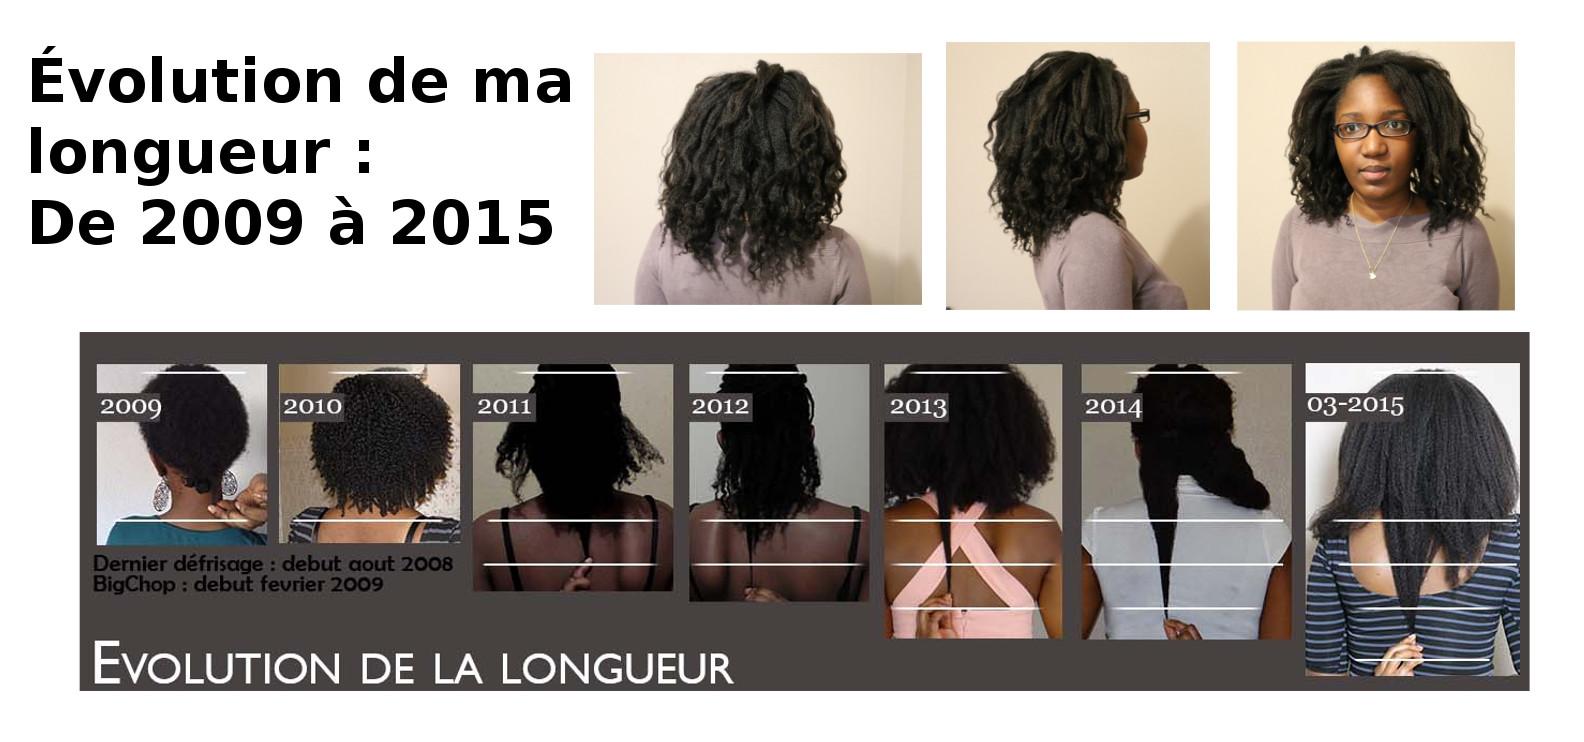 evolution-longueur-misscamaelle-cheveux-crepus-2009-a-2015